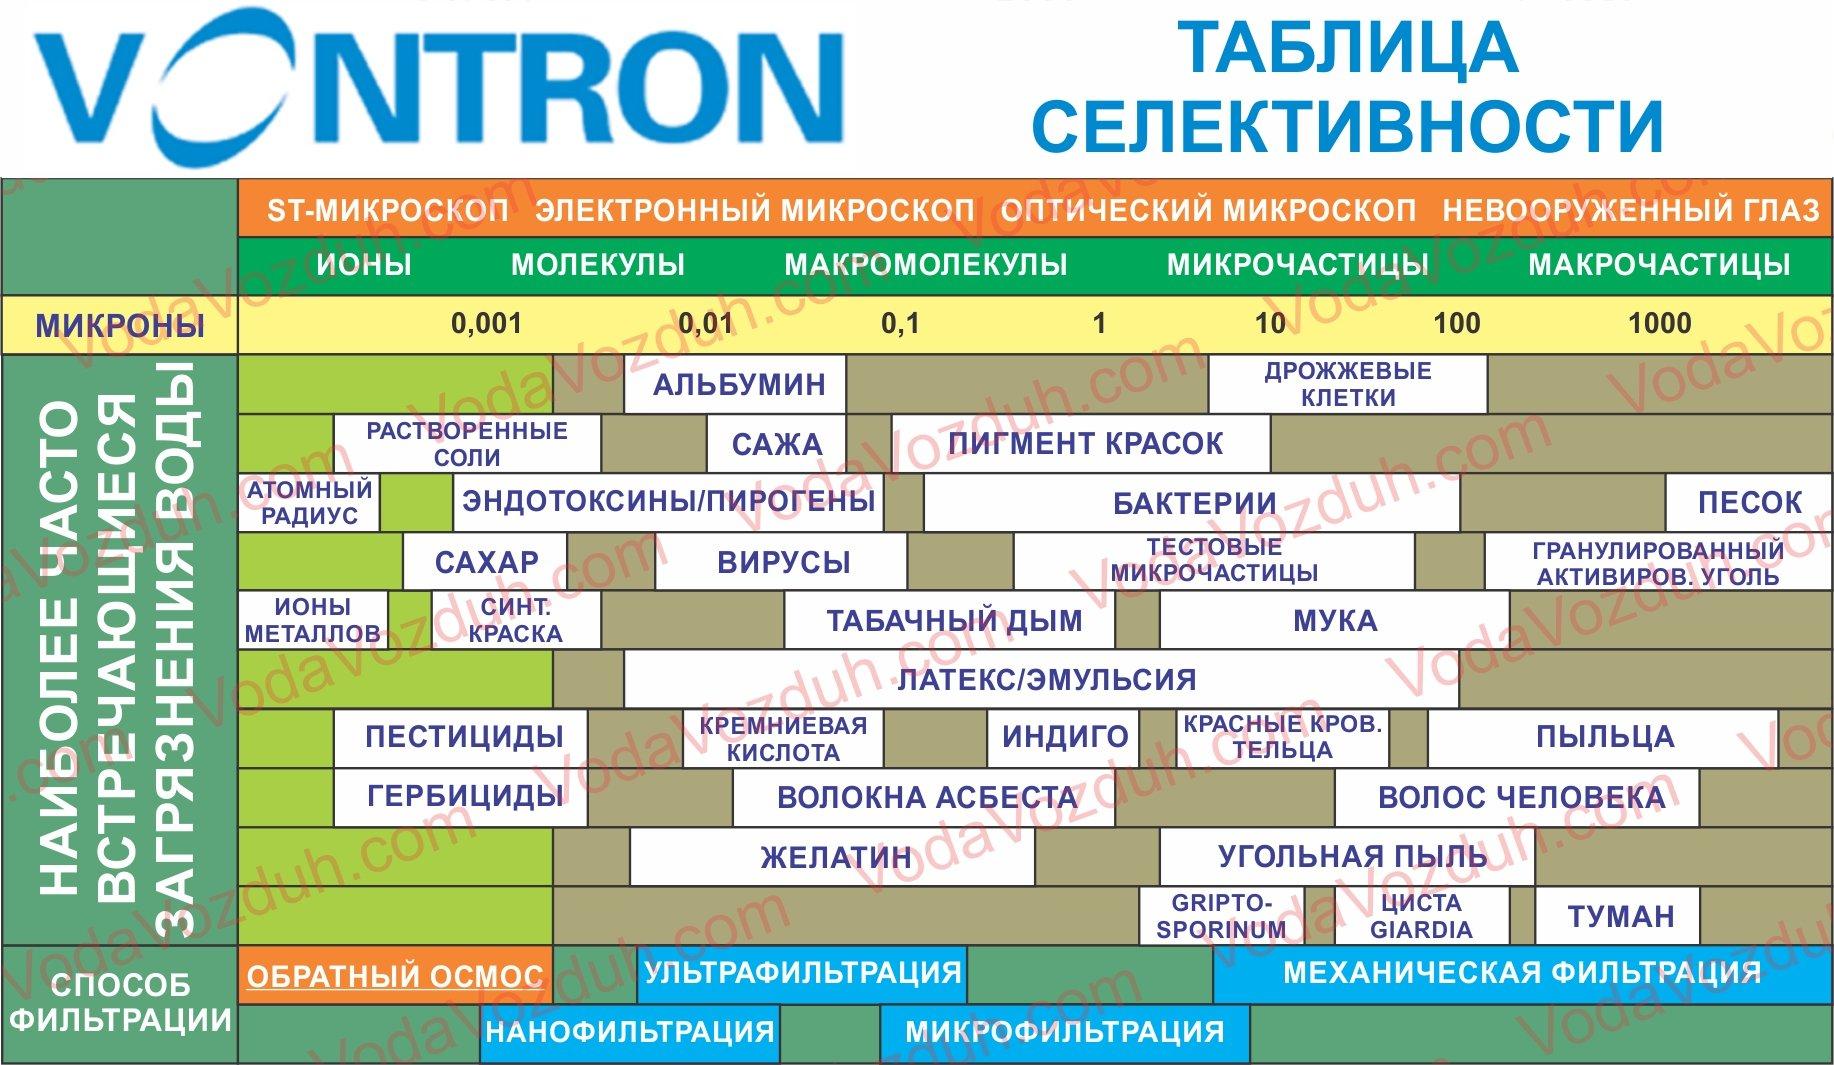 Характеристики мембраны Vontron